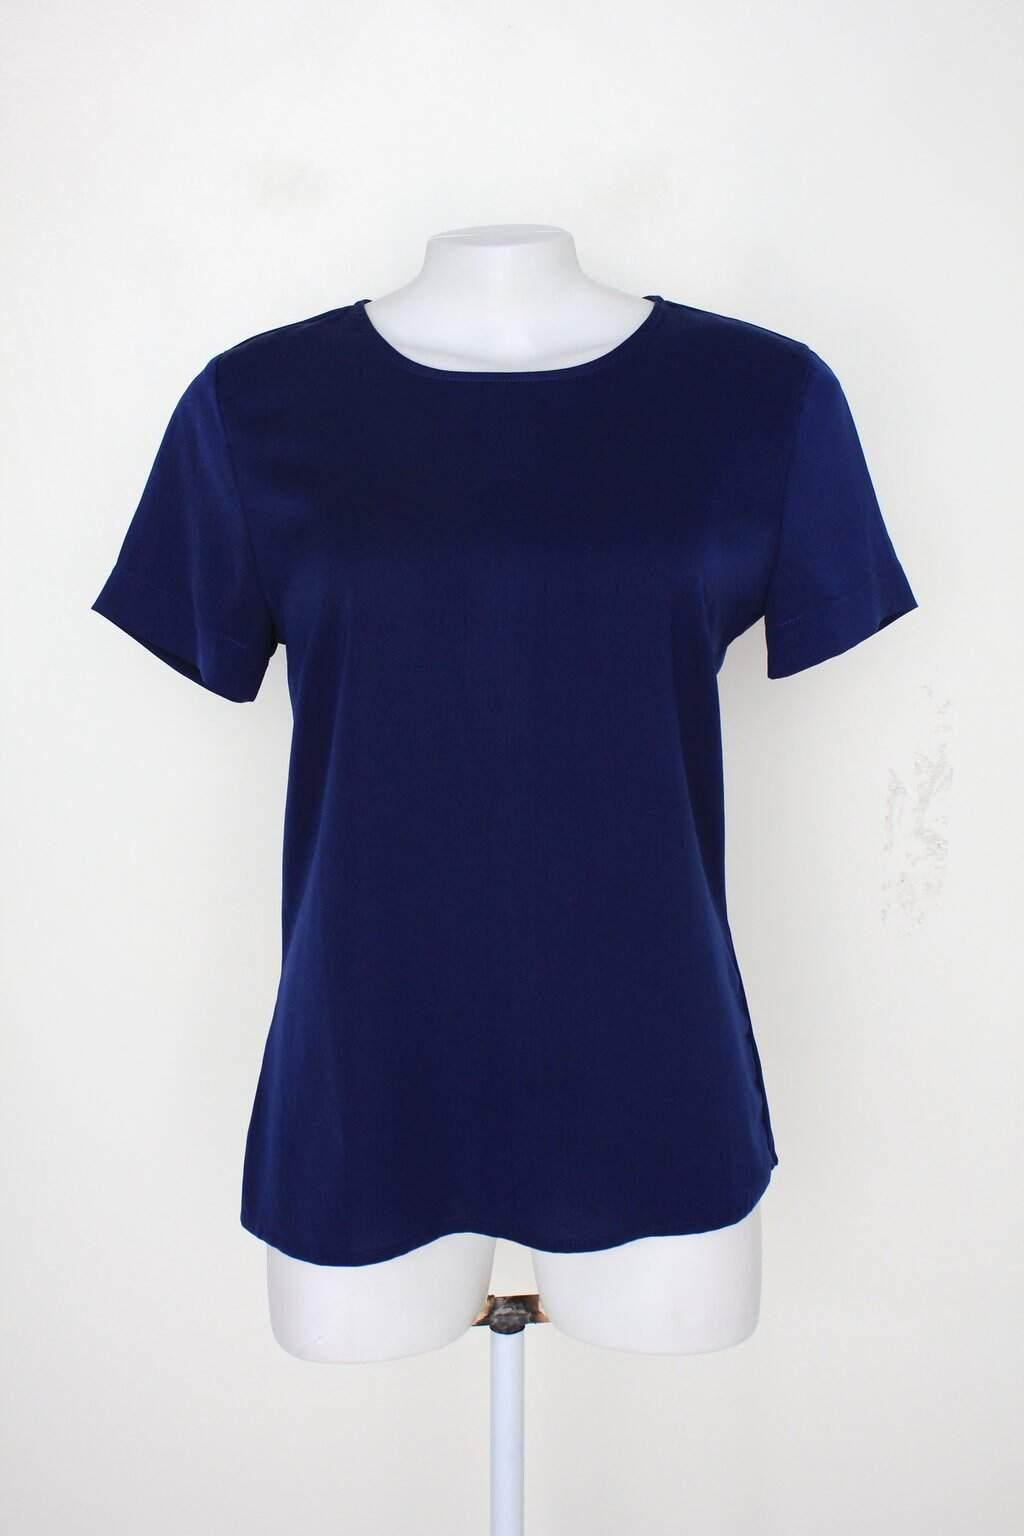 Blusa Insp Feminina Azul Escuro Com Zíper